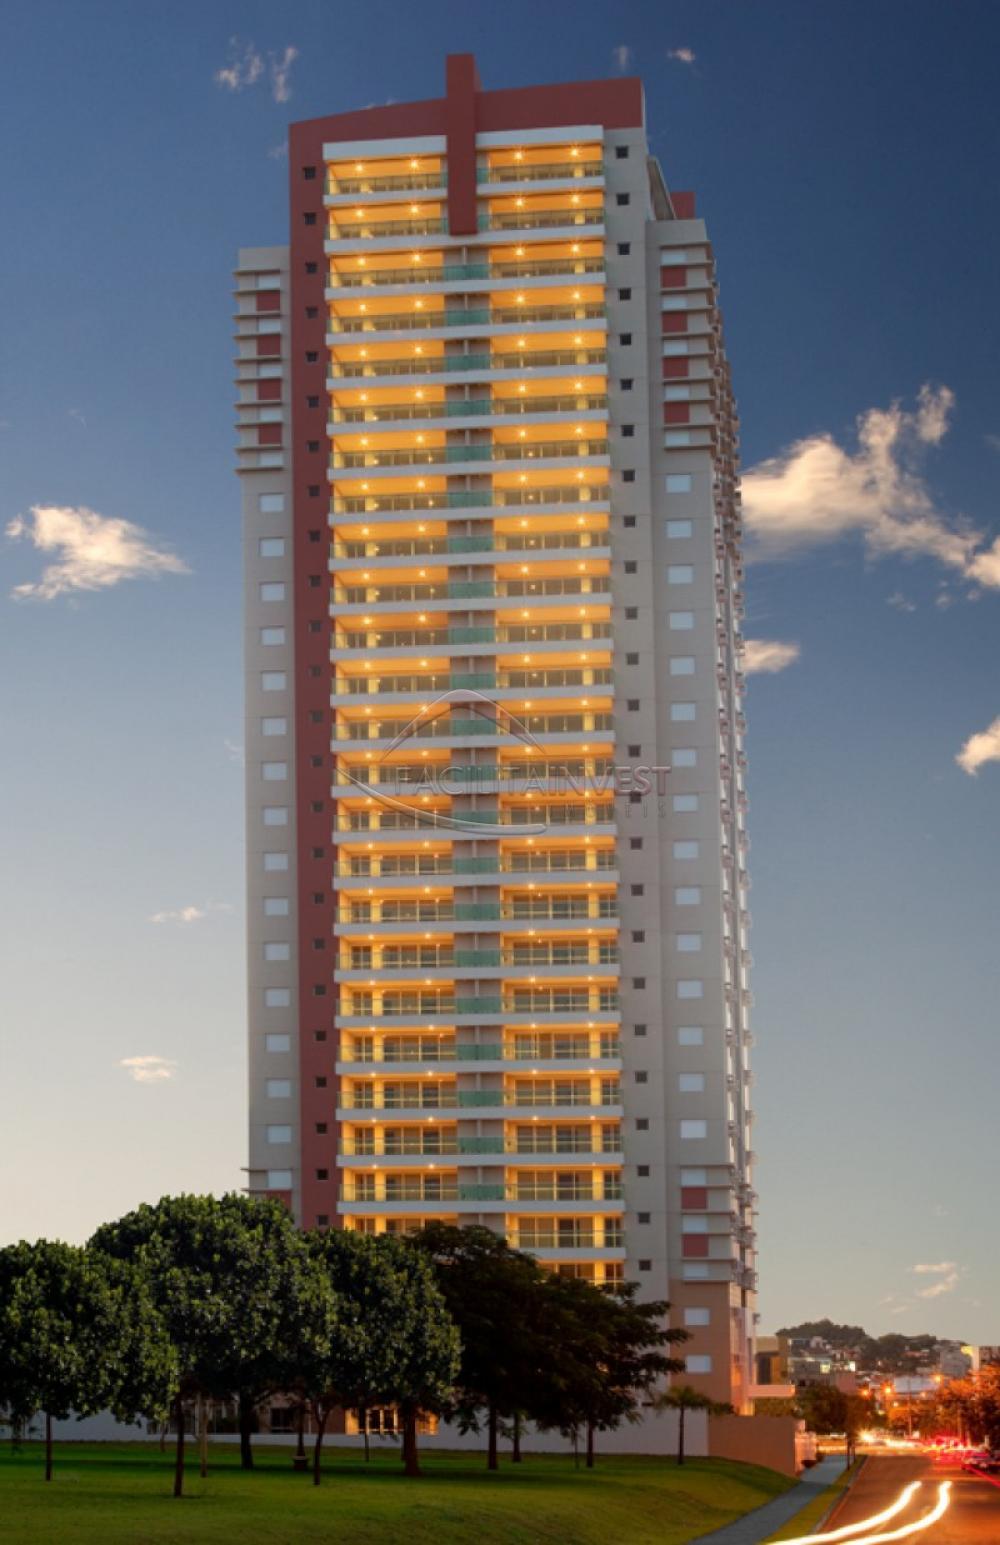 Comprar Apartamentos / Cobertura em Ribeirão Preto apenas R$ 1.750.000,00 - Foto 24